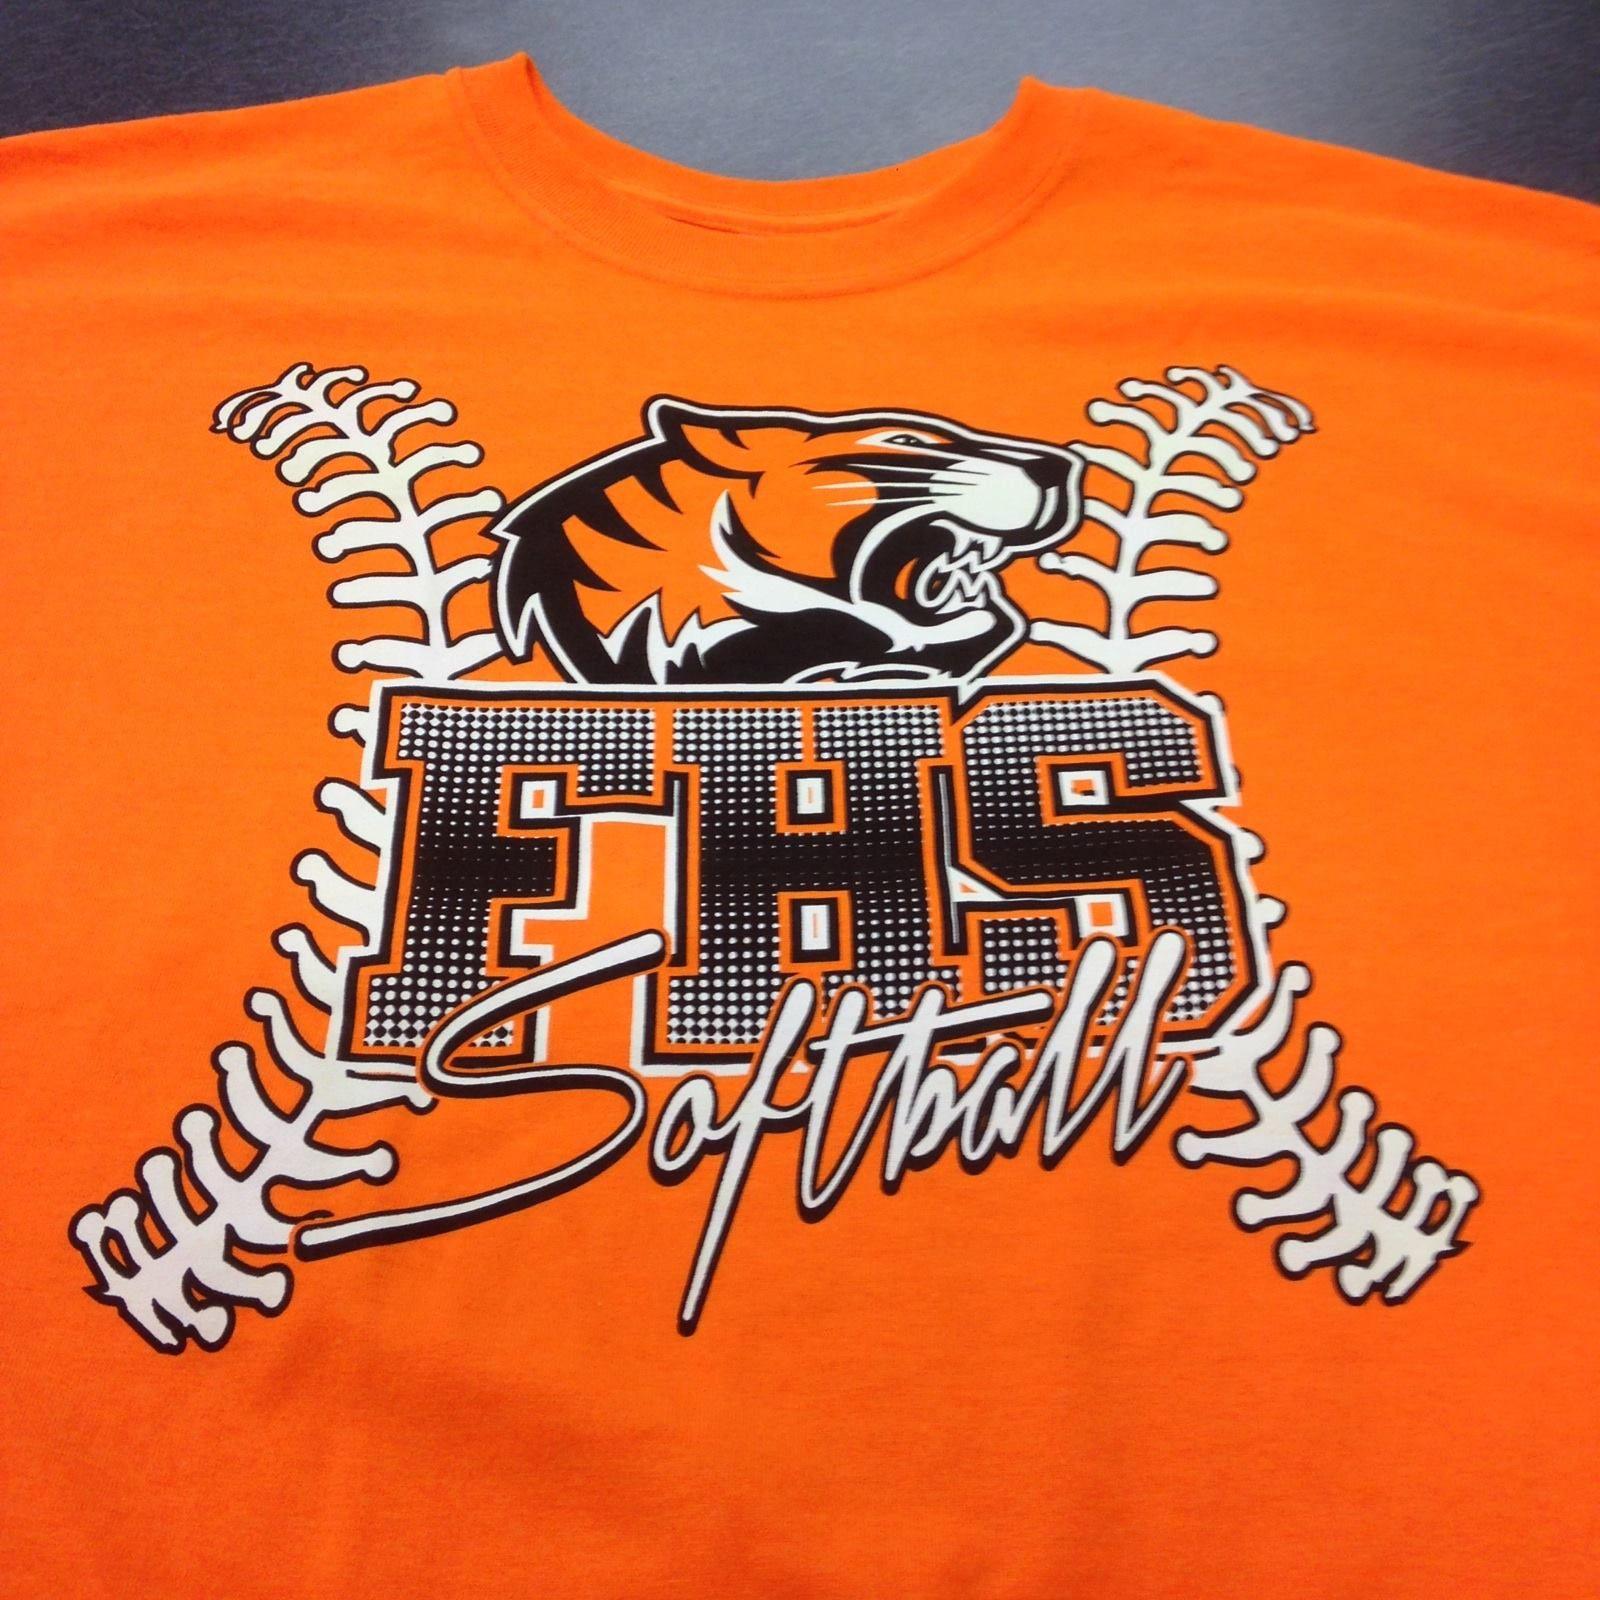 softball t shirts fayettevillehigh tennessee - Softball Jersey Design Ideas